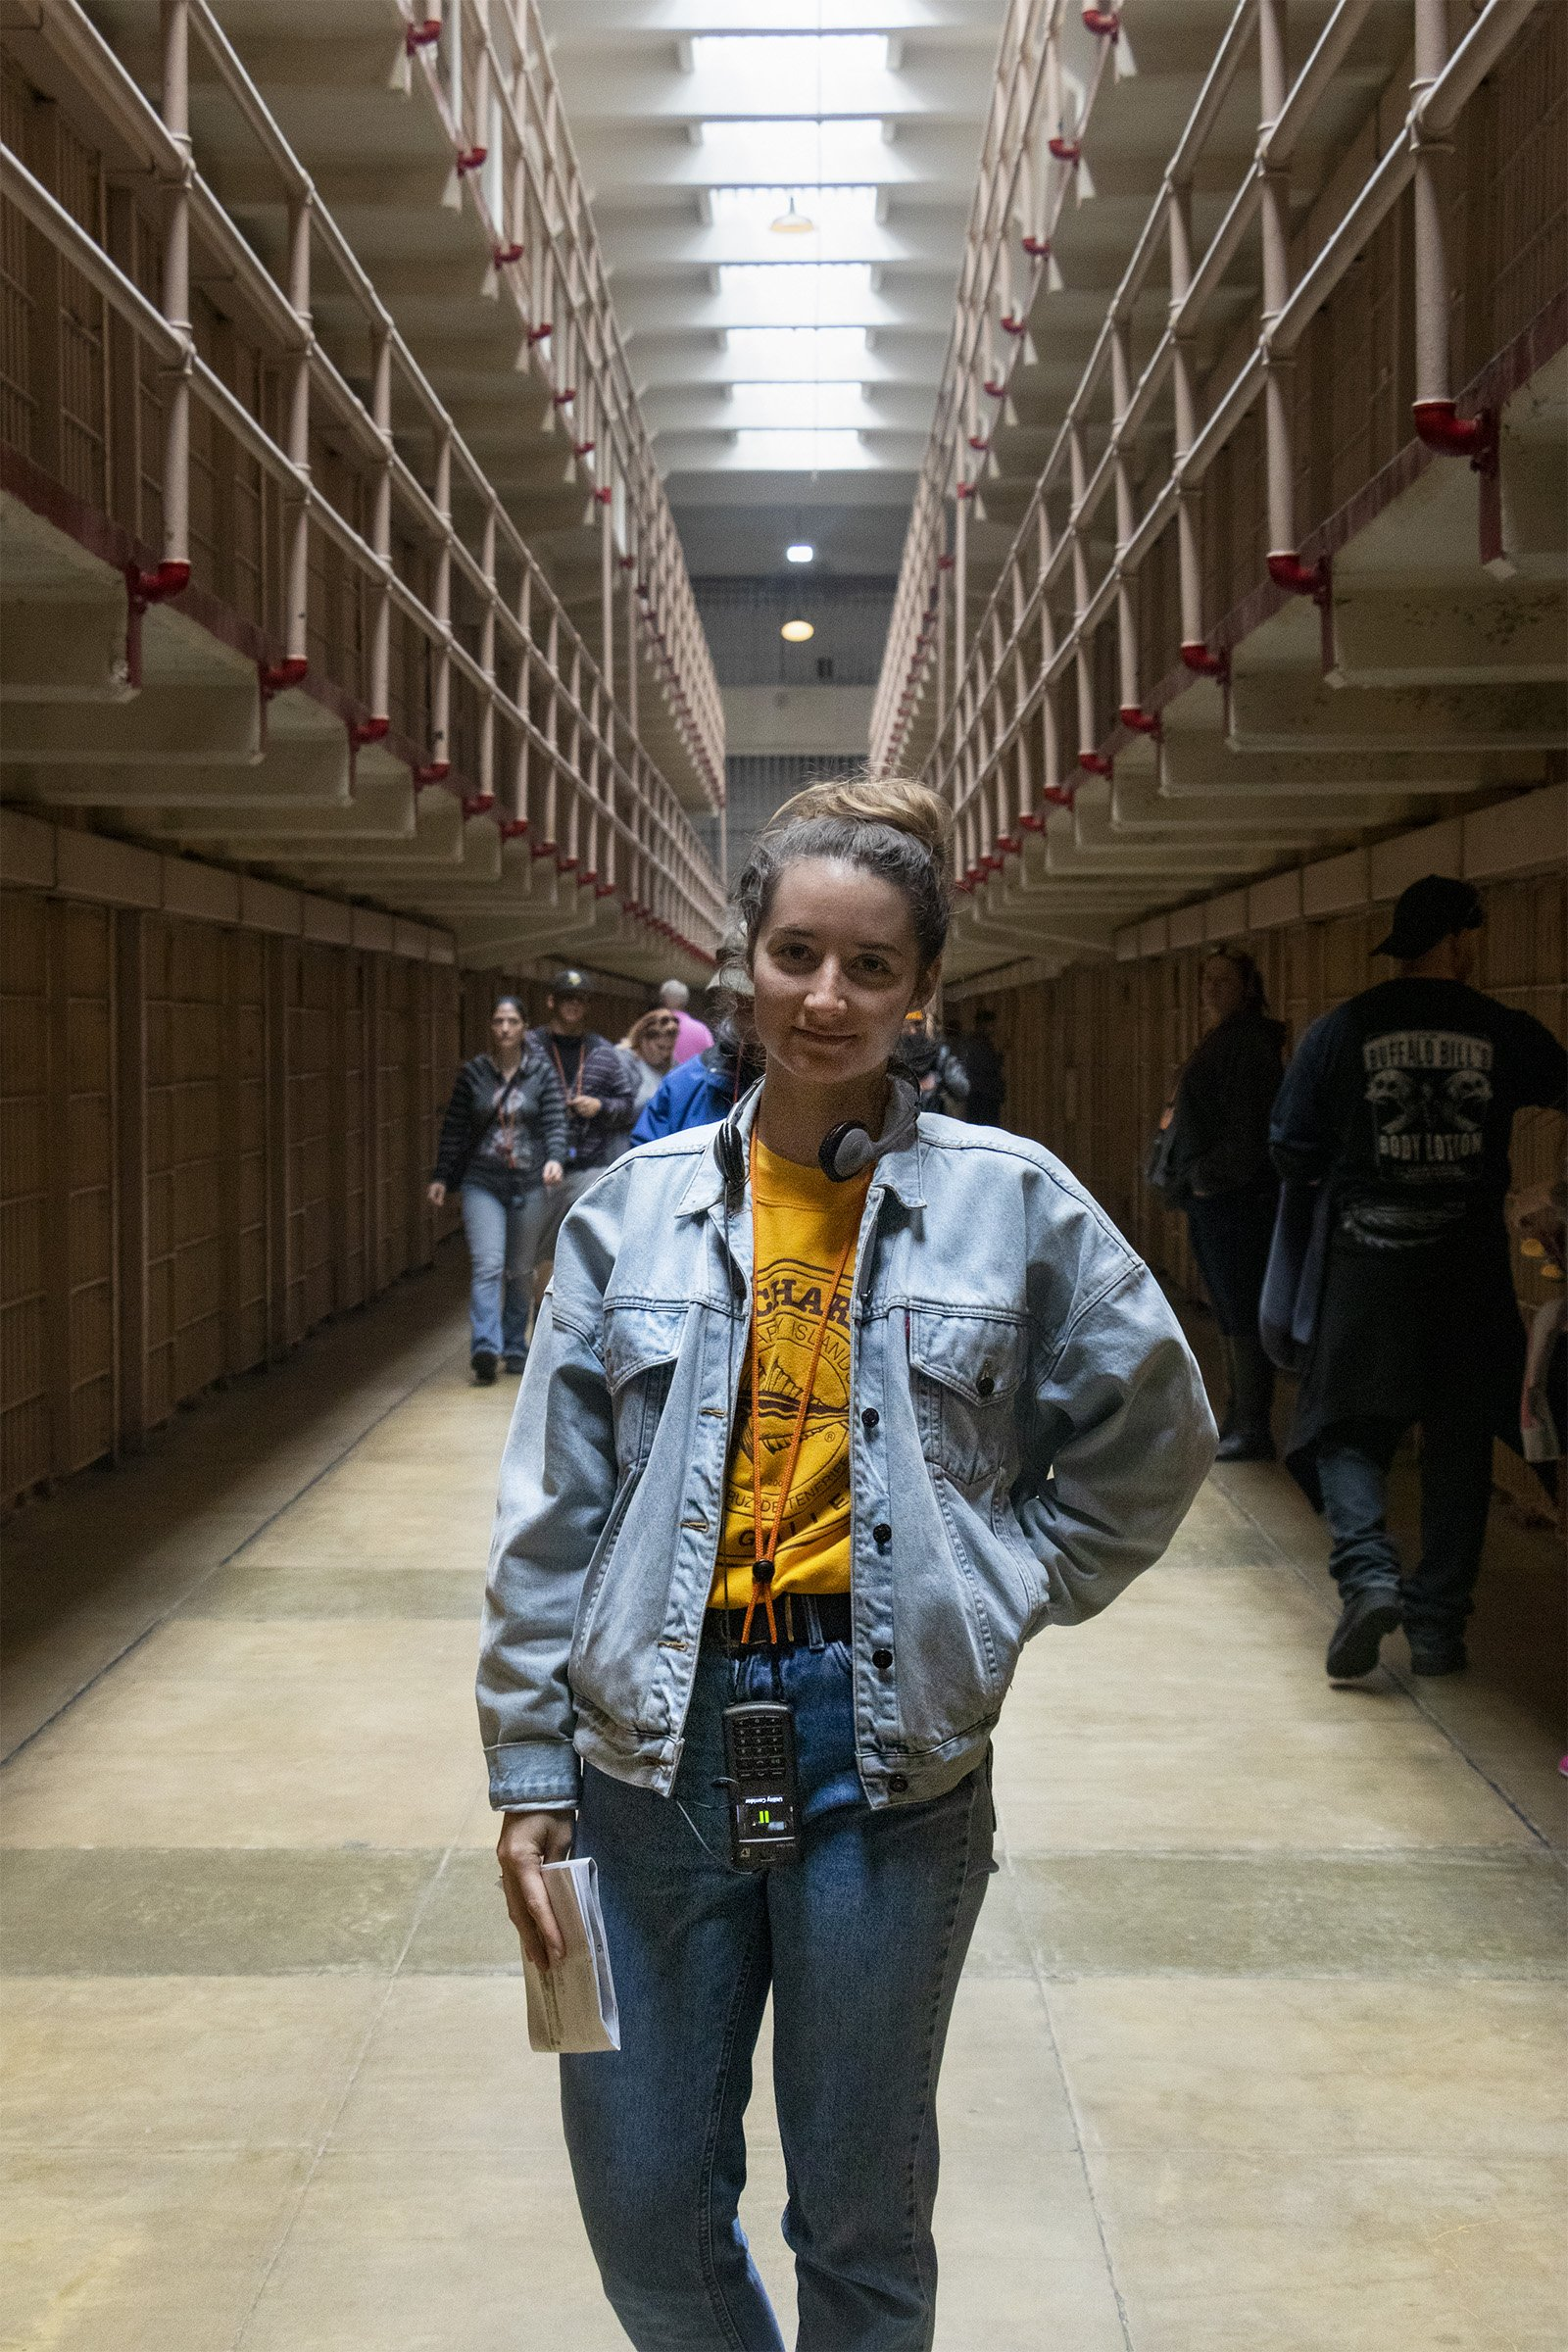 In Alcatraz prison